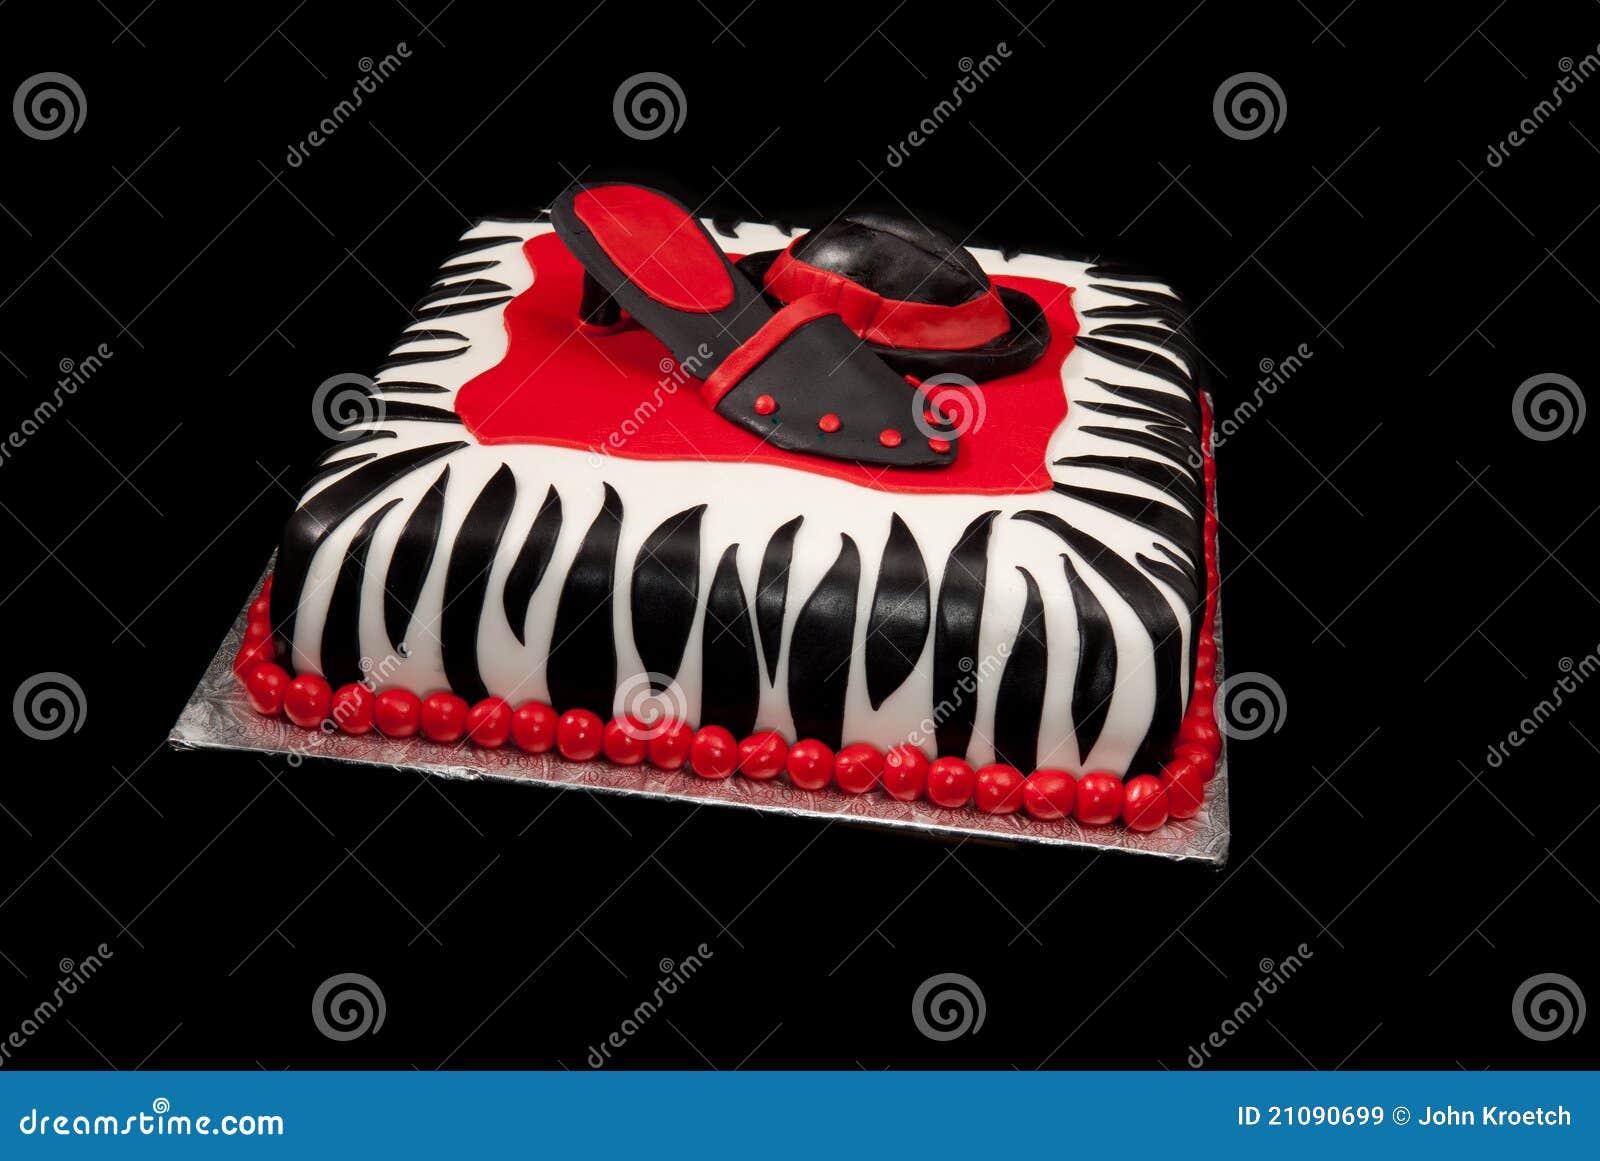 Hut Und Schuh Auf Zebra Drucken Kuchen Stockbild Bild Von Ferse